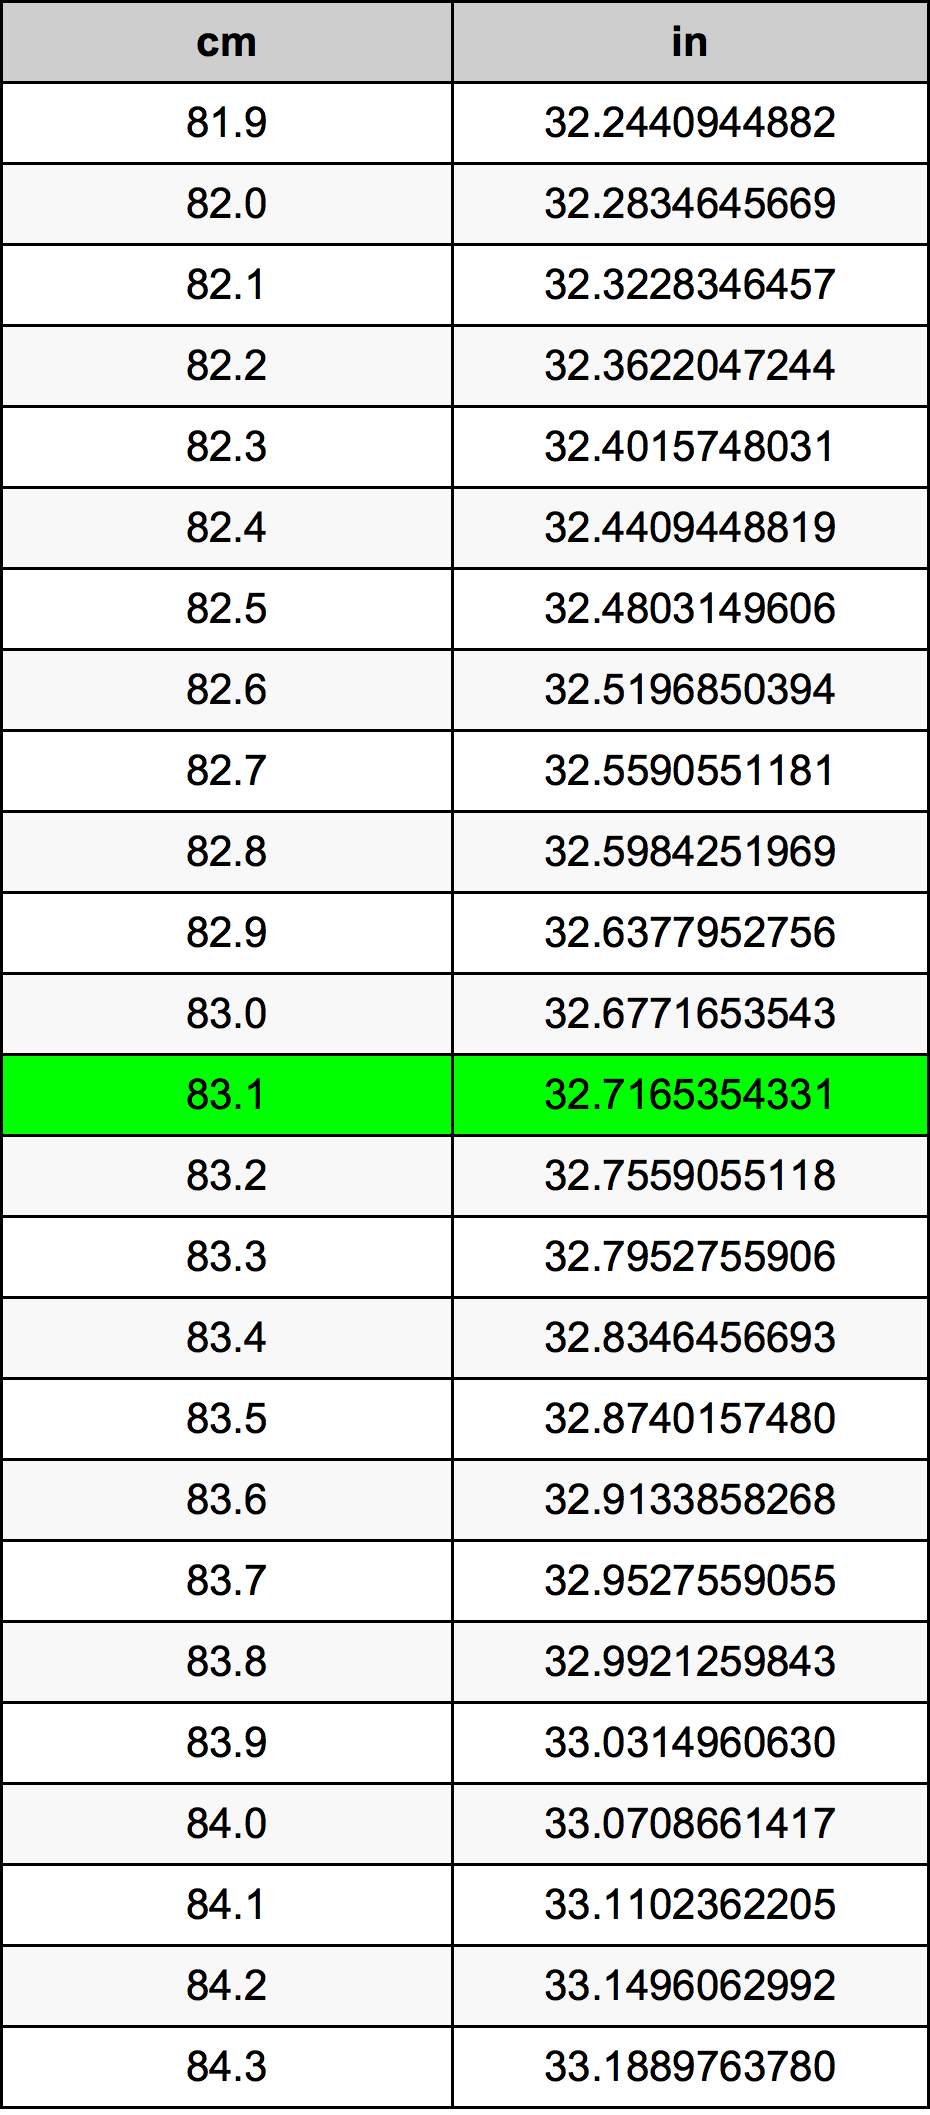 83.1 Xentimét bảng chuyển đổi